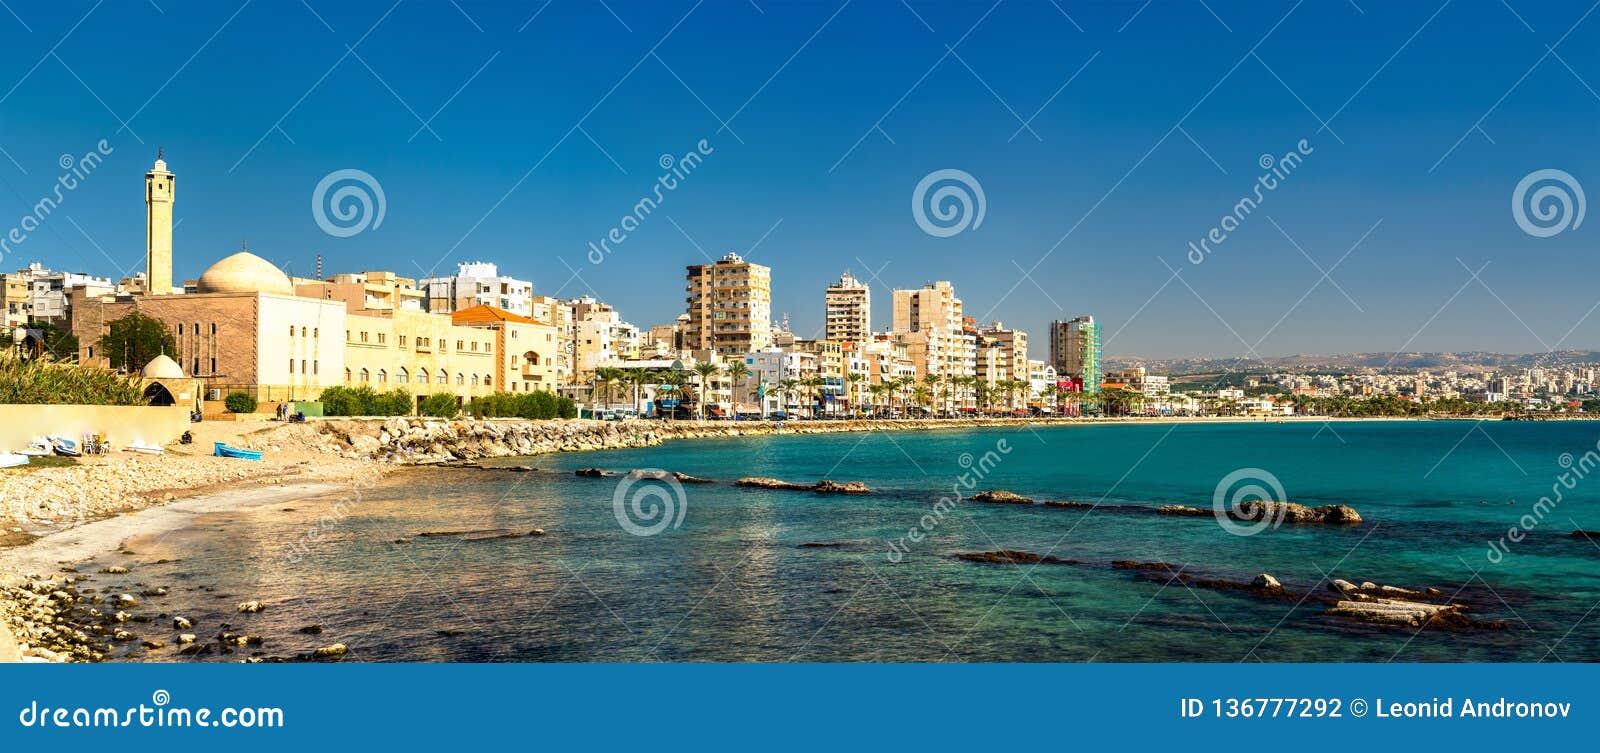 Küste des Reifens im Libanon